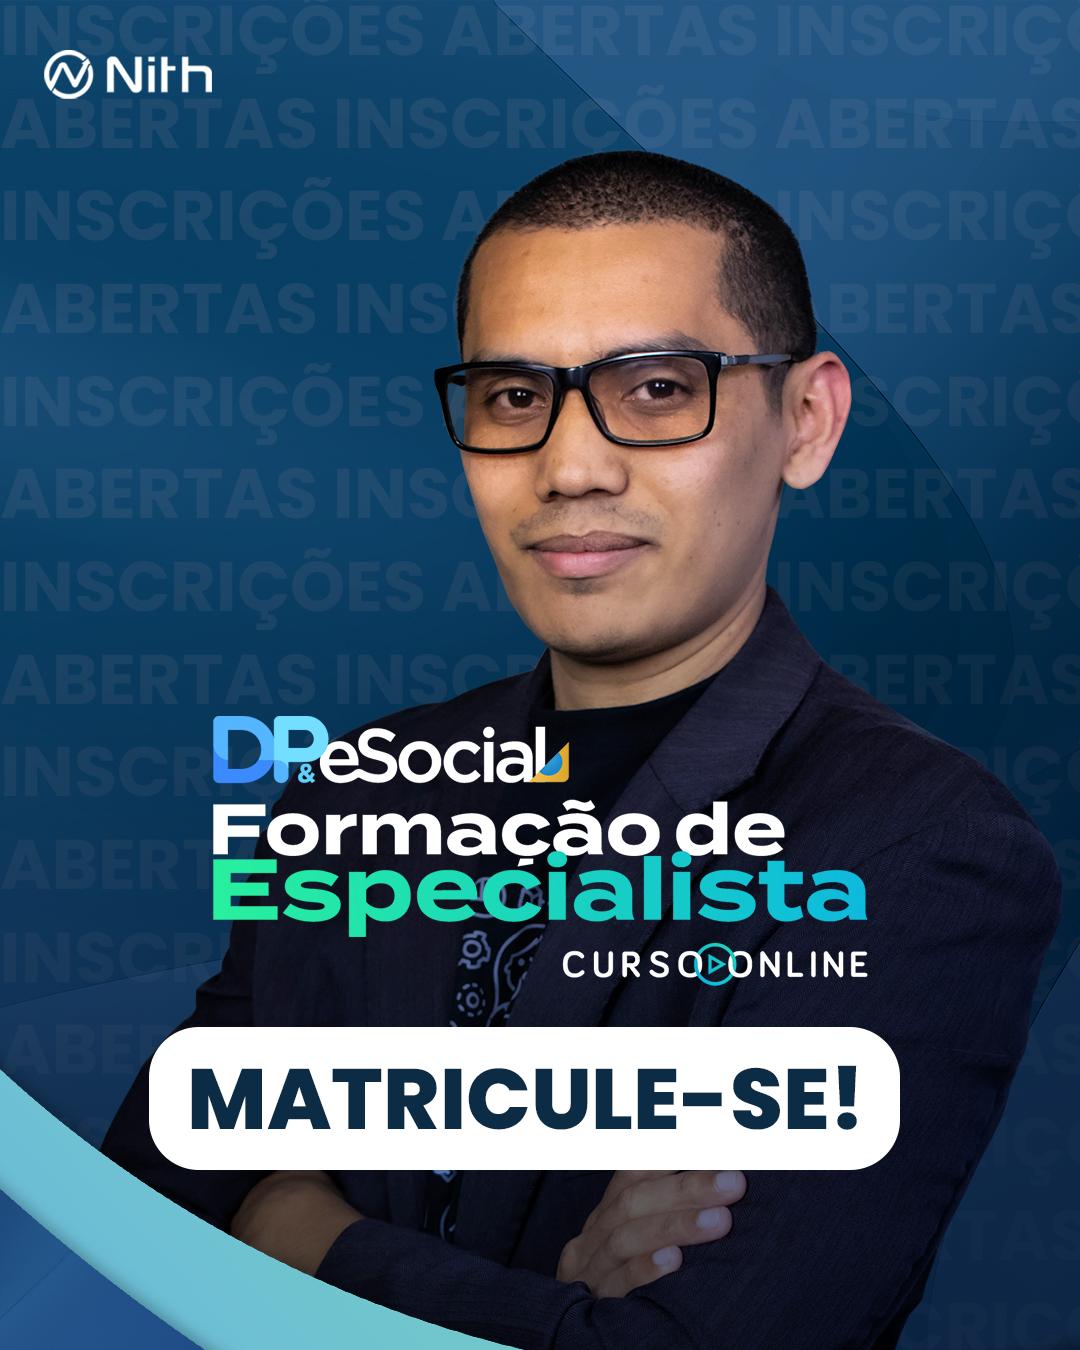 Inscrições abertas para Curso Formação de Especialista em DP e eSocial